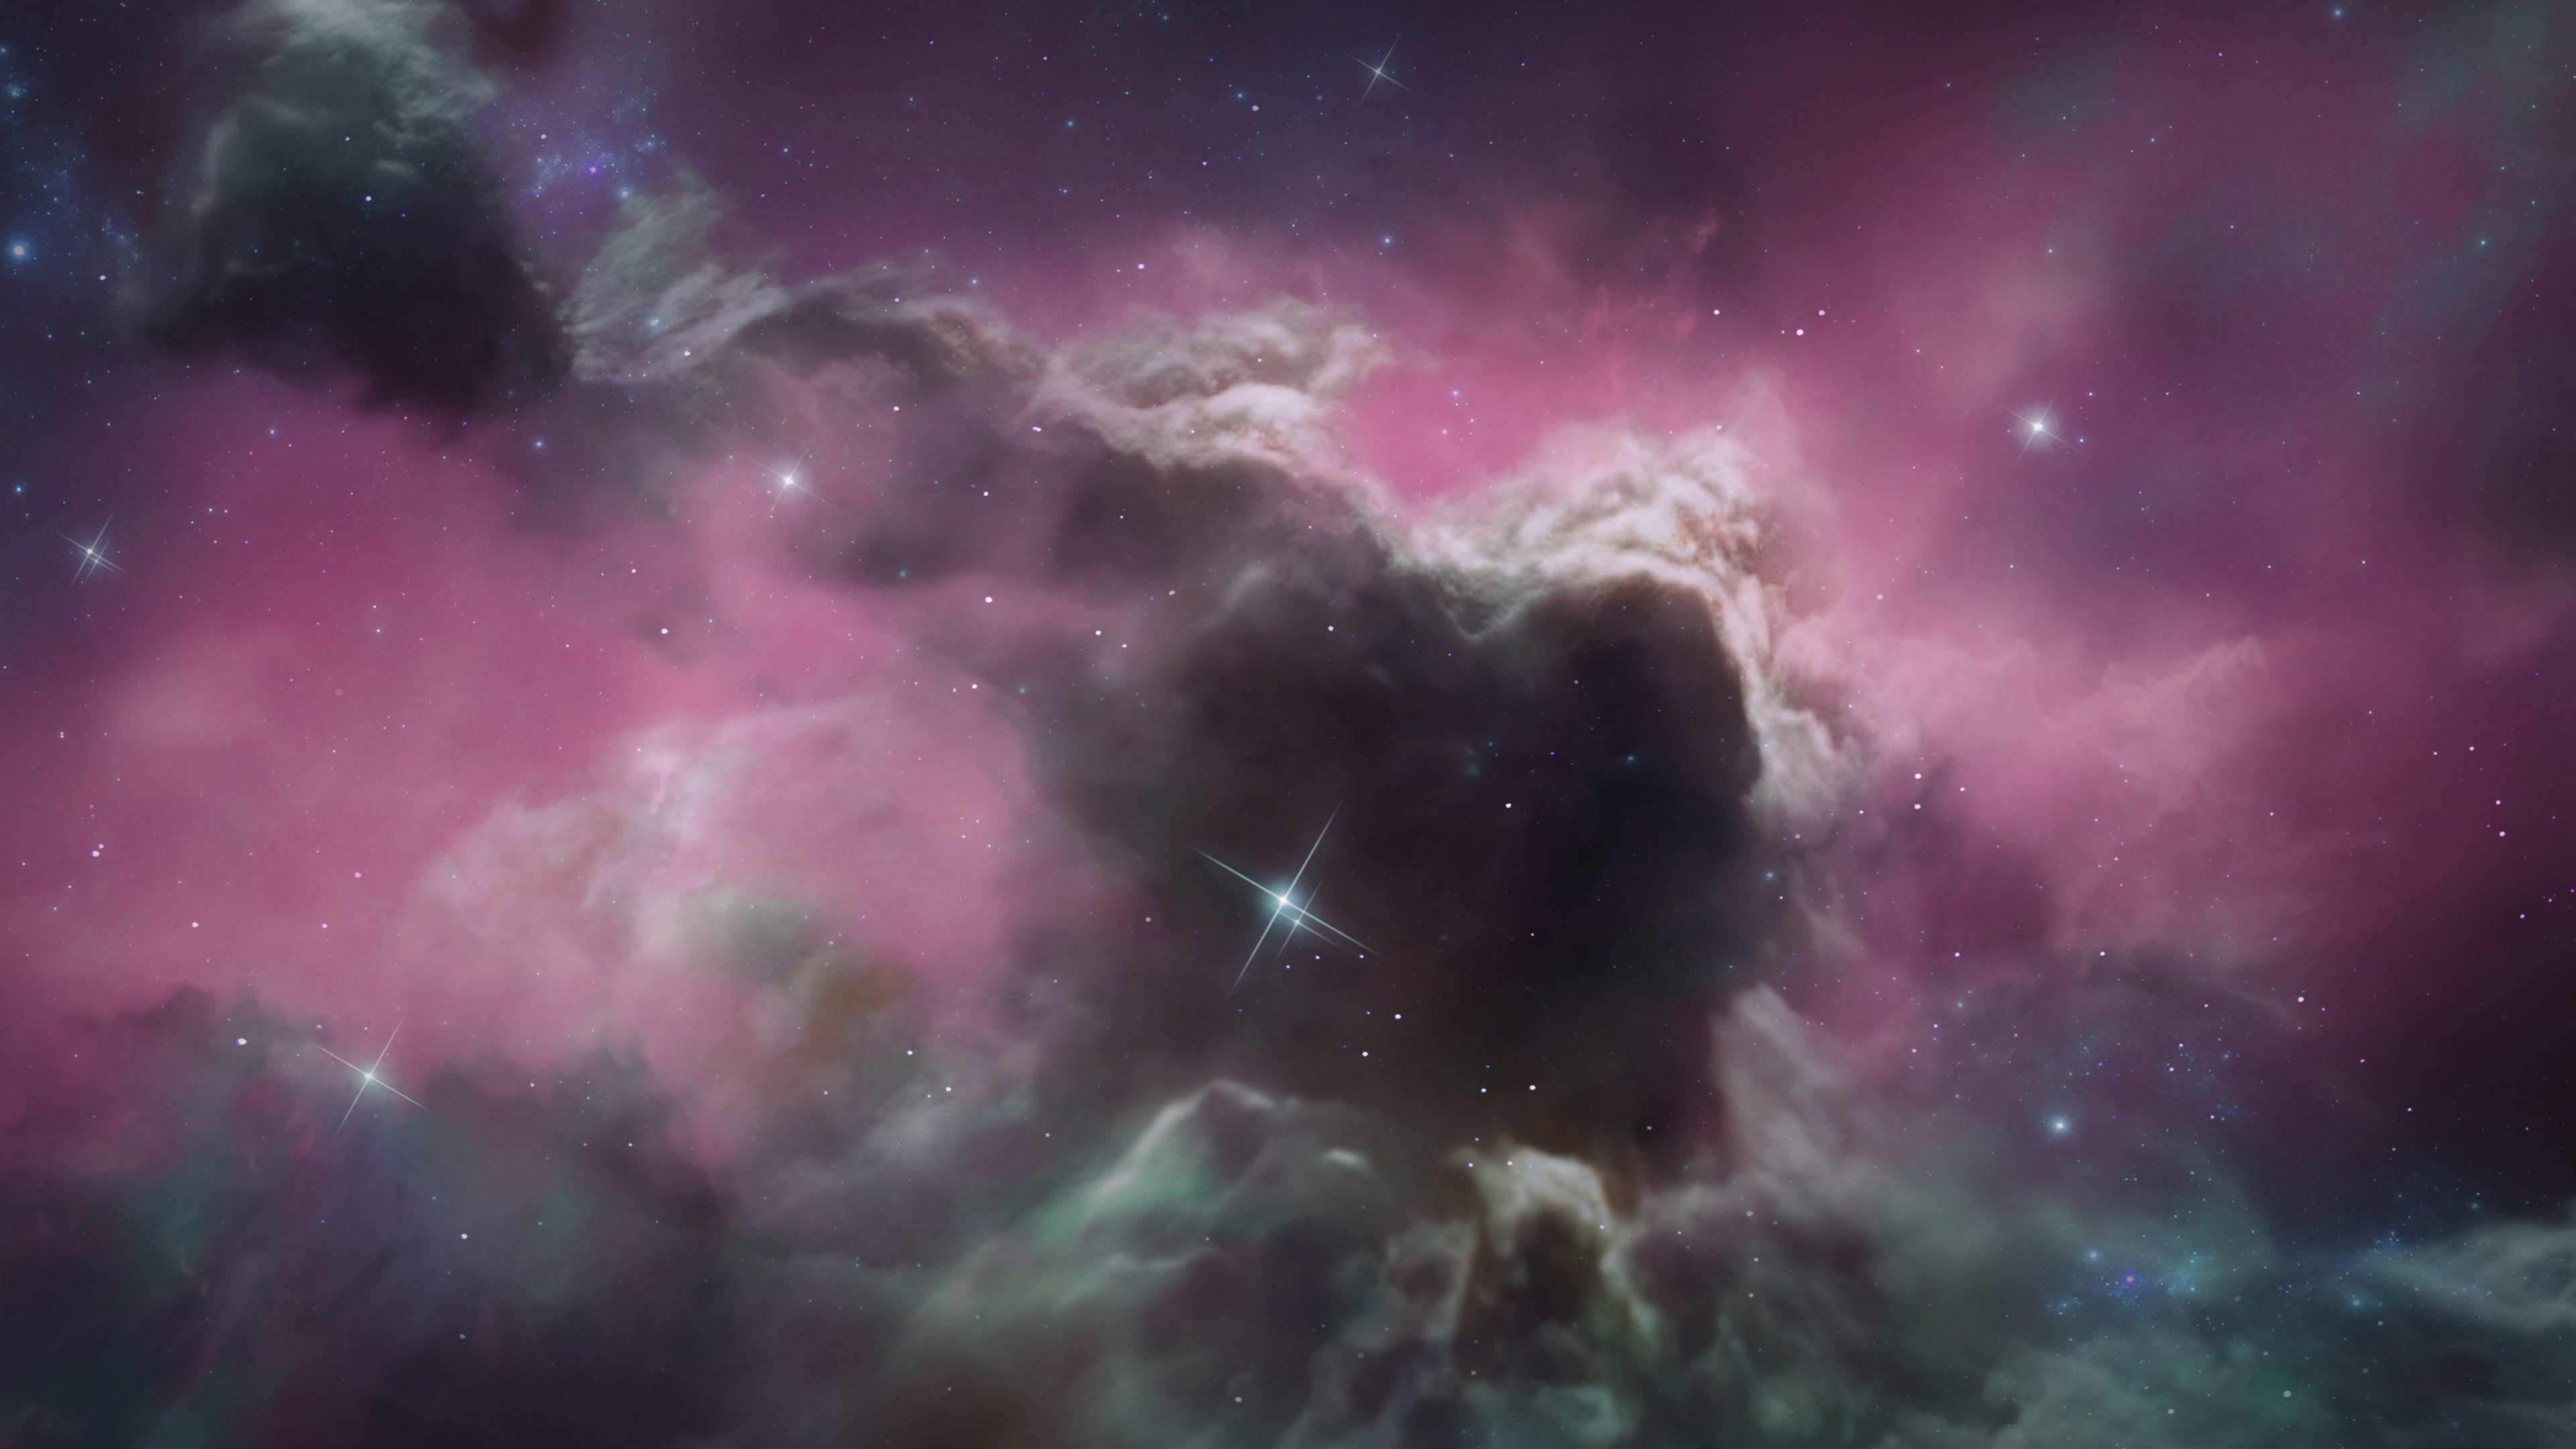 Pink universe wallpaper